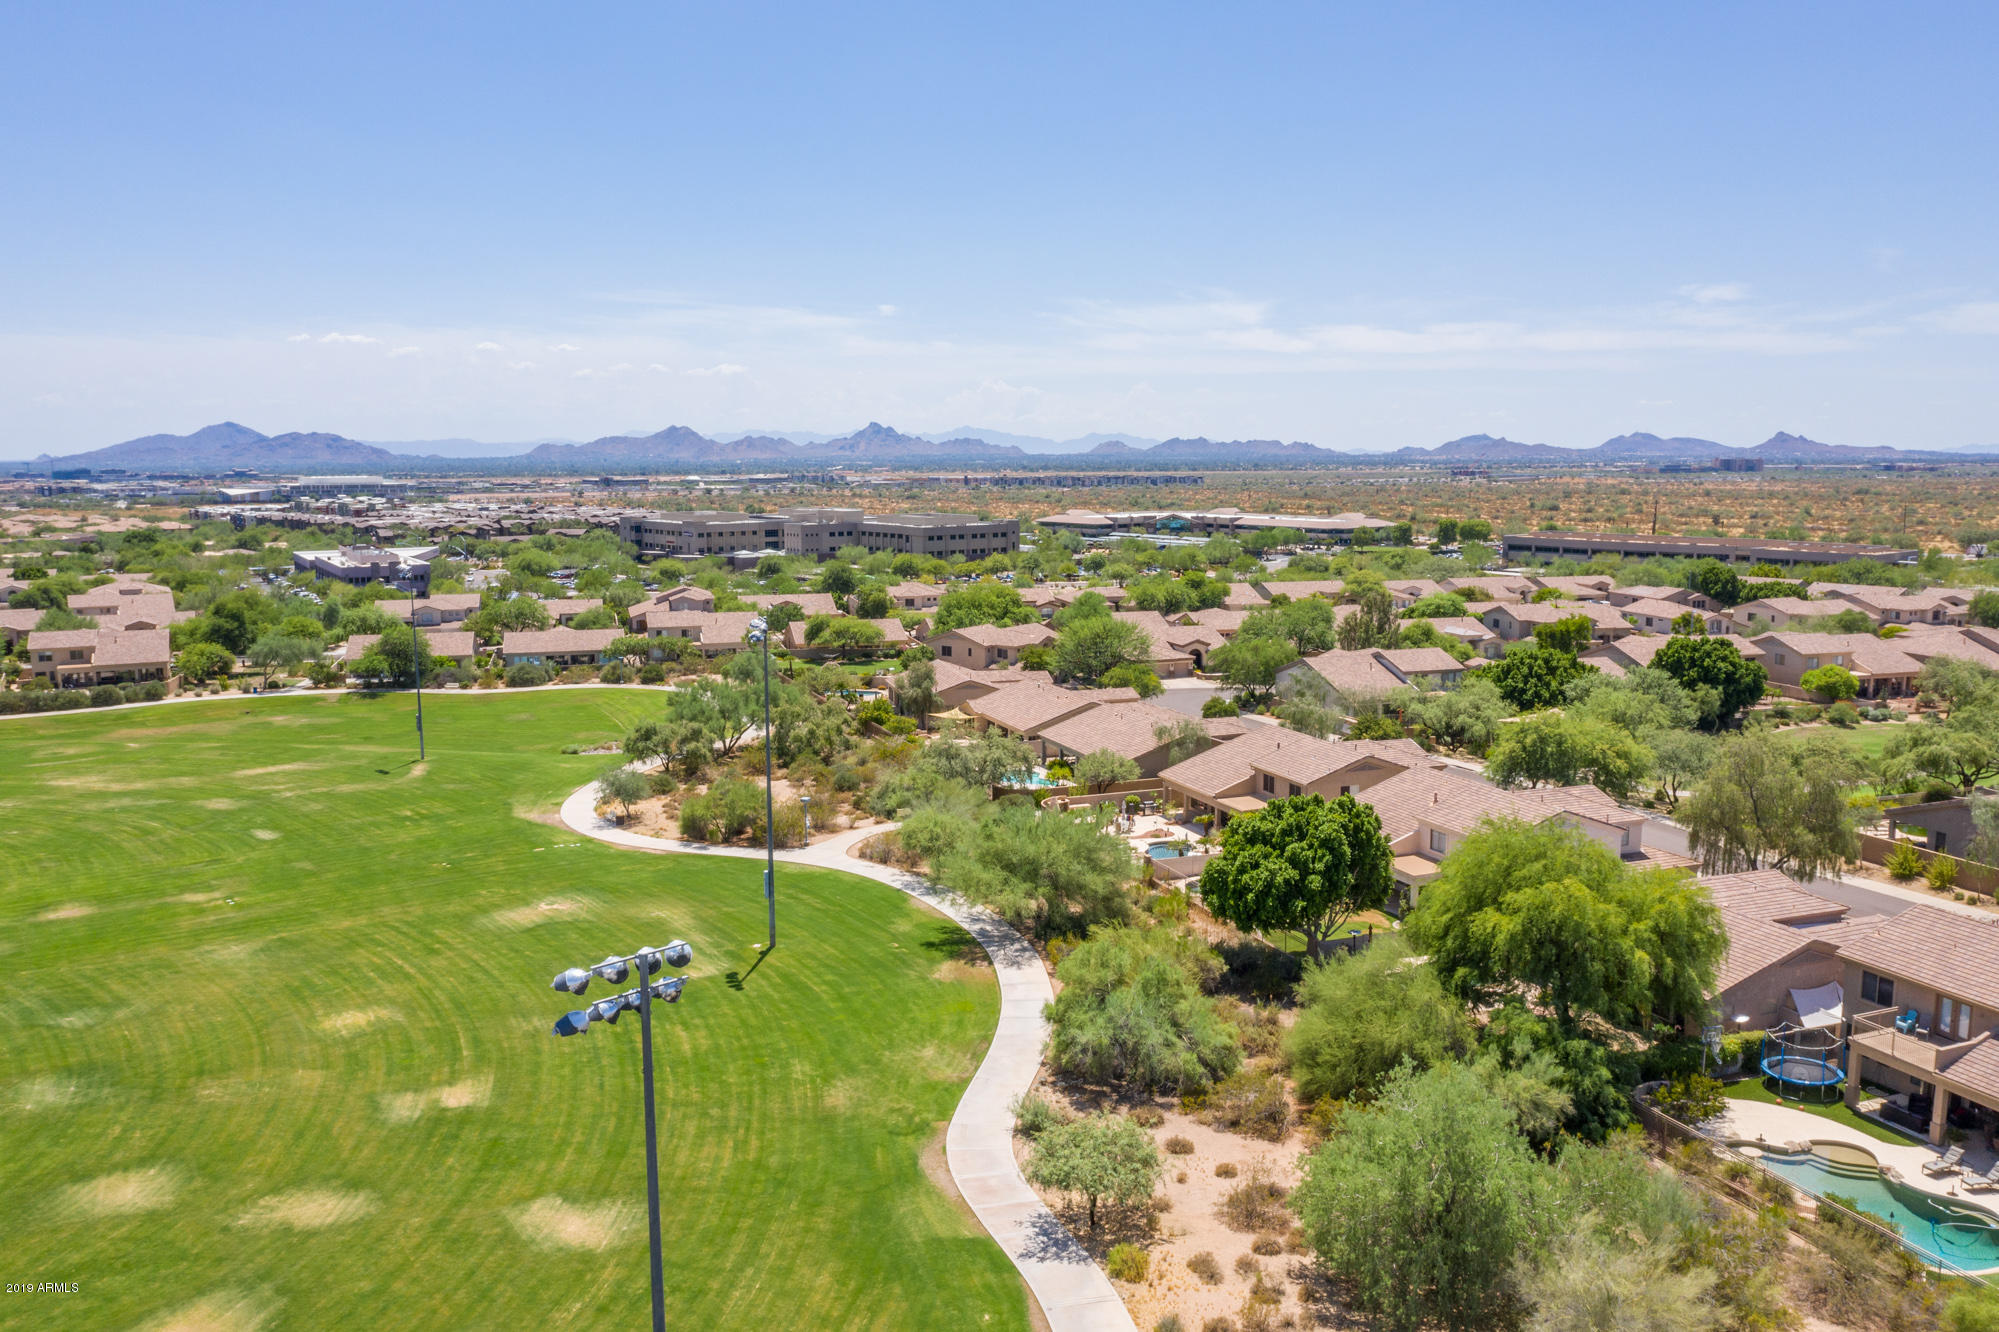 MLS 5956988 20813 N 74TH Way, Scottsdale, AZ 85255 Scottsdale AZ Private Pool